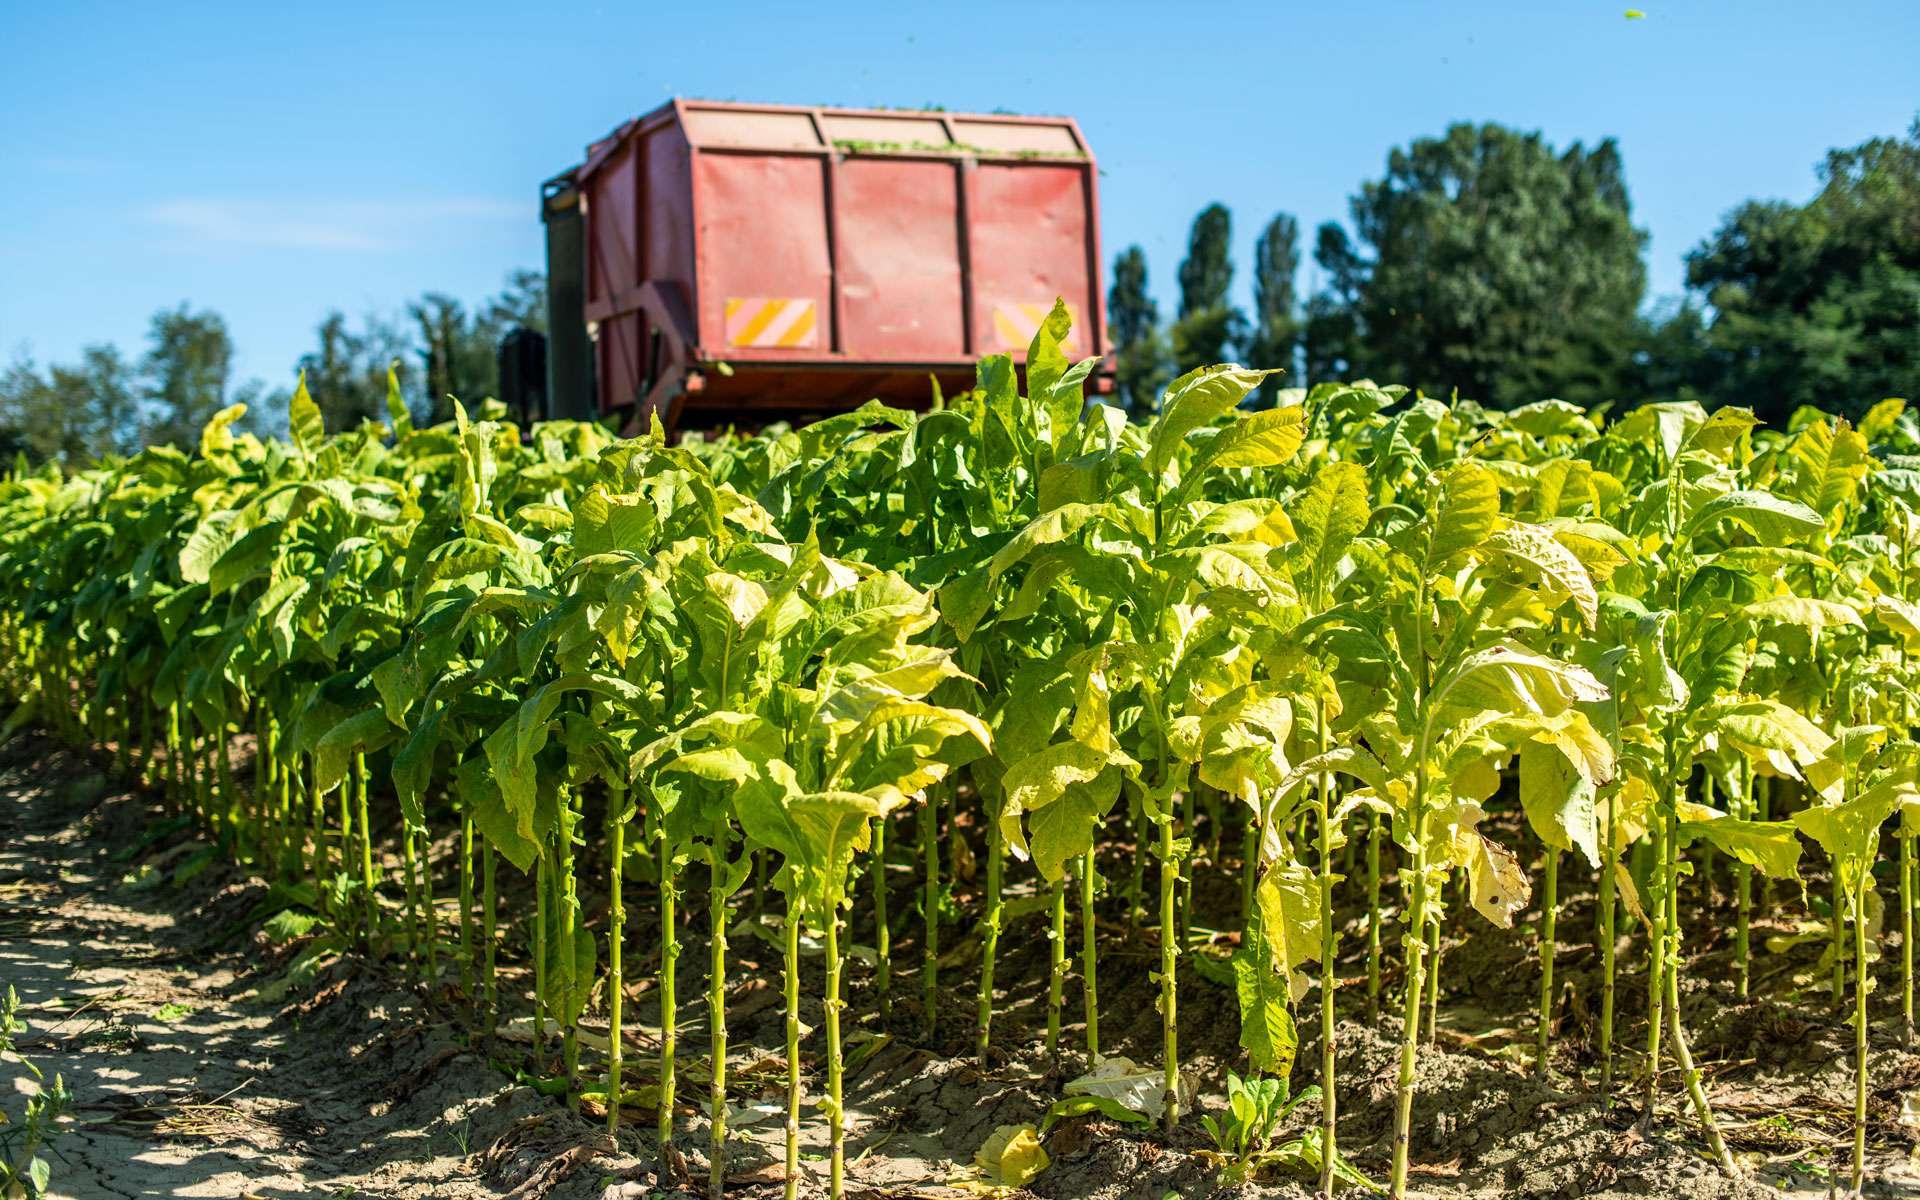 Un tracteur récolte les feuilles de tabac dans un champ ©deyangeorgiev